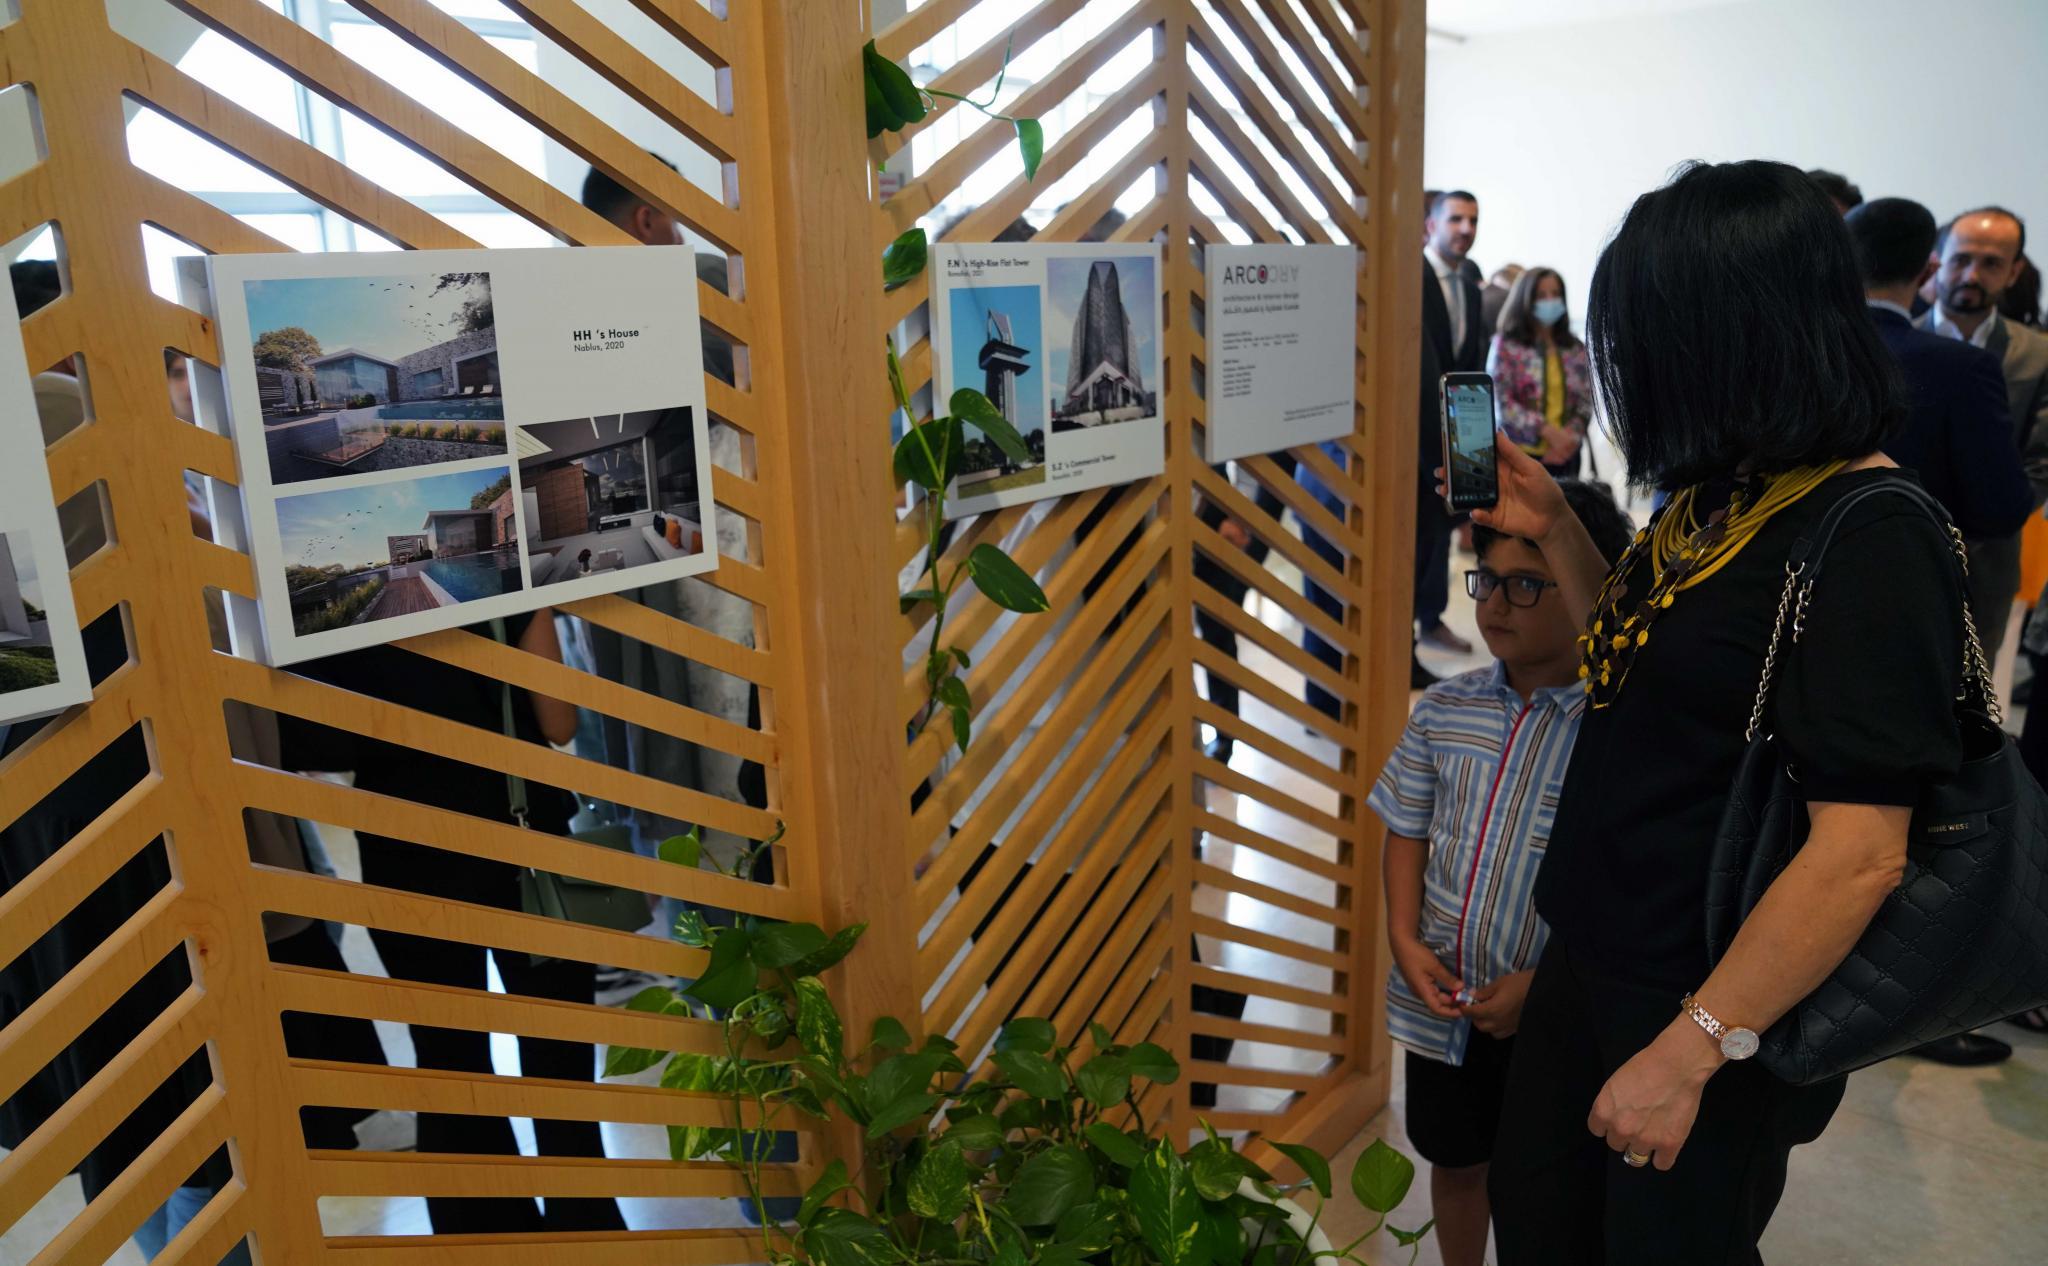 الجامعة تنظم معرض الفنانين الإيطالي فيكو ماجستريت والفلسطيني فيكتور غطاس في العمارة الداخلية